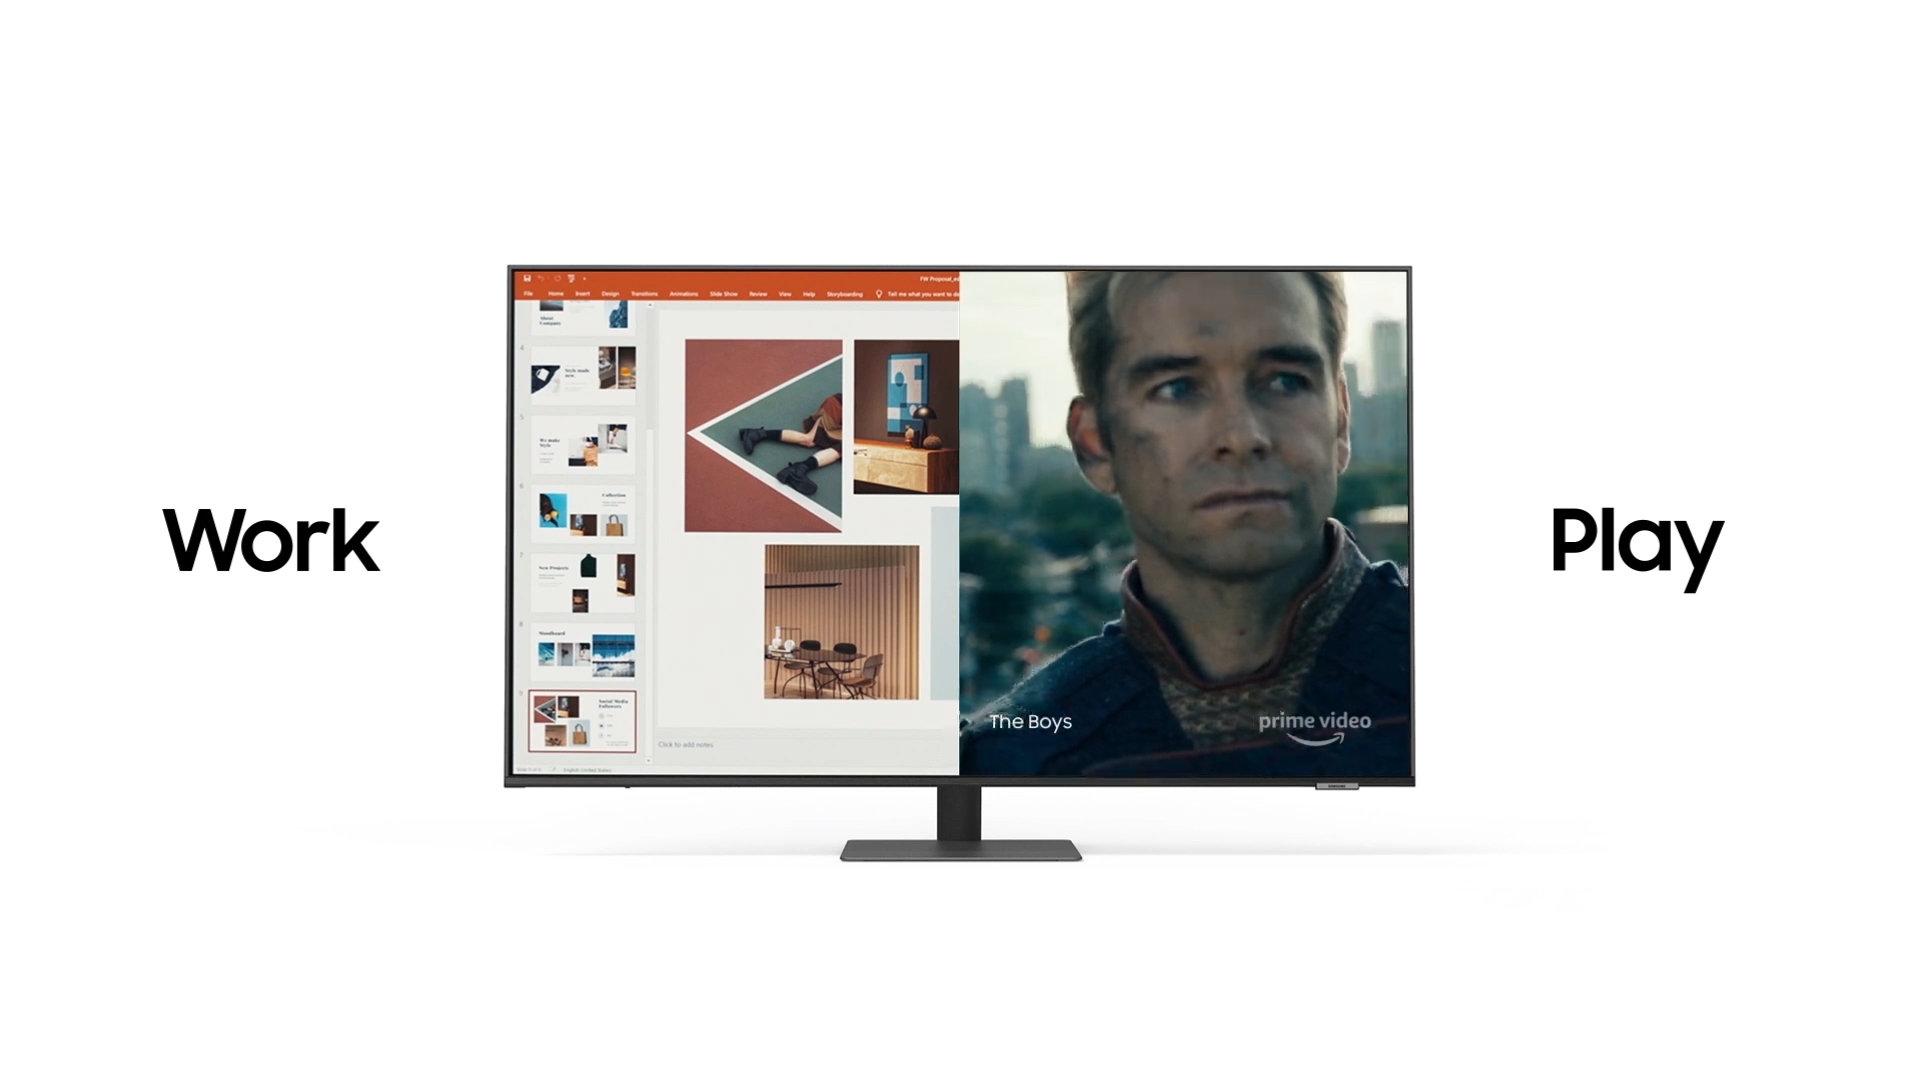 Samsung Smart Monitor : voici « le premier moniteur universel » qui peut remplacer votre TV - Frandroid